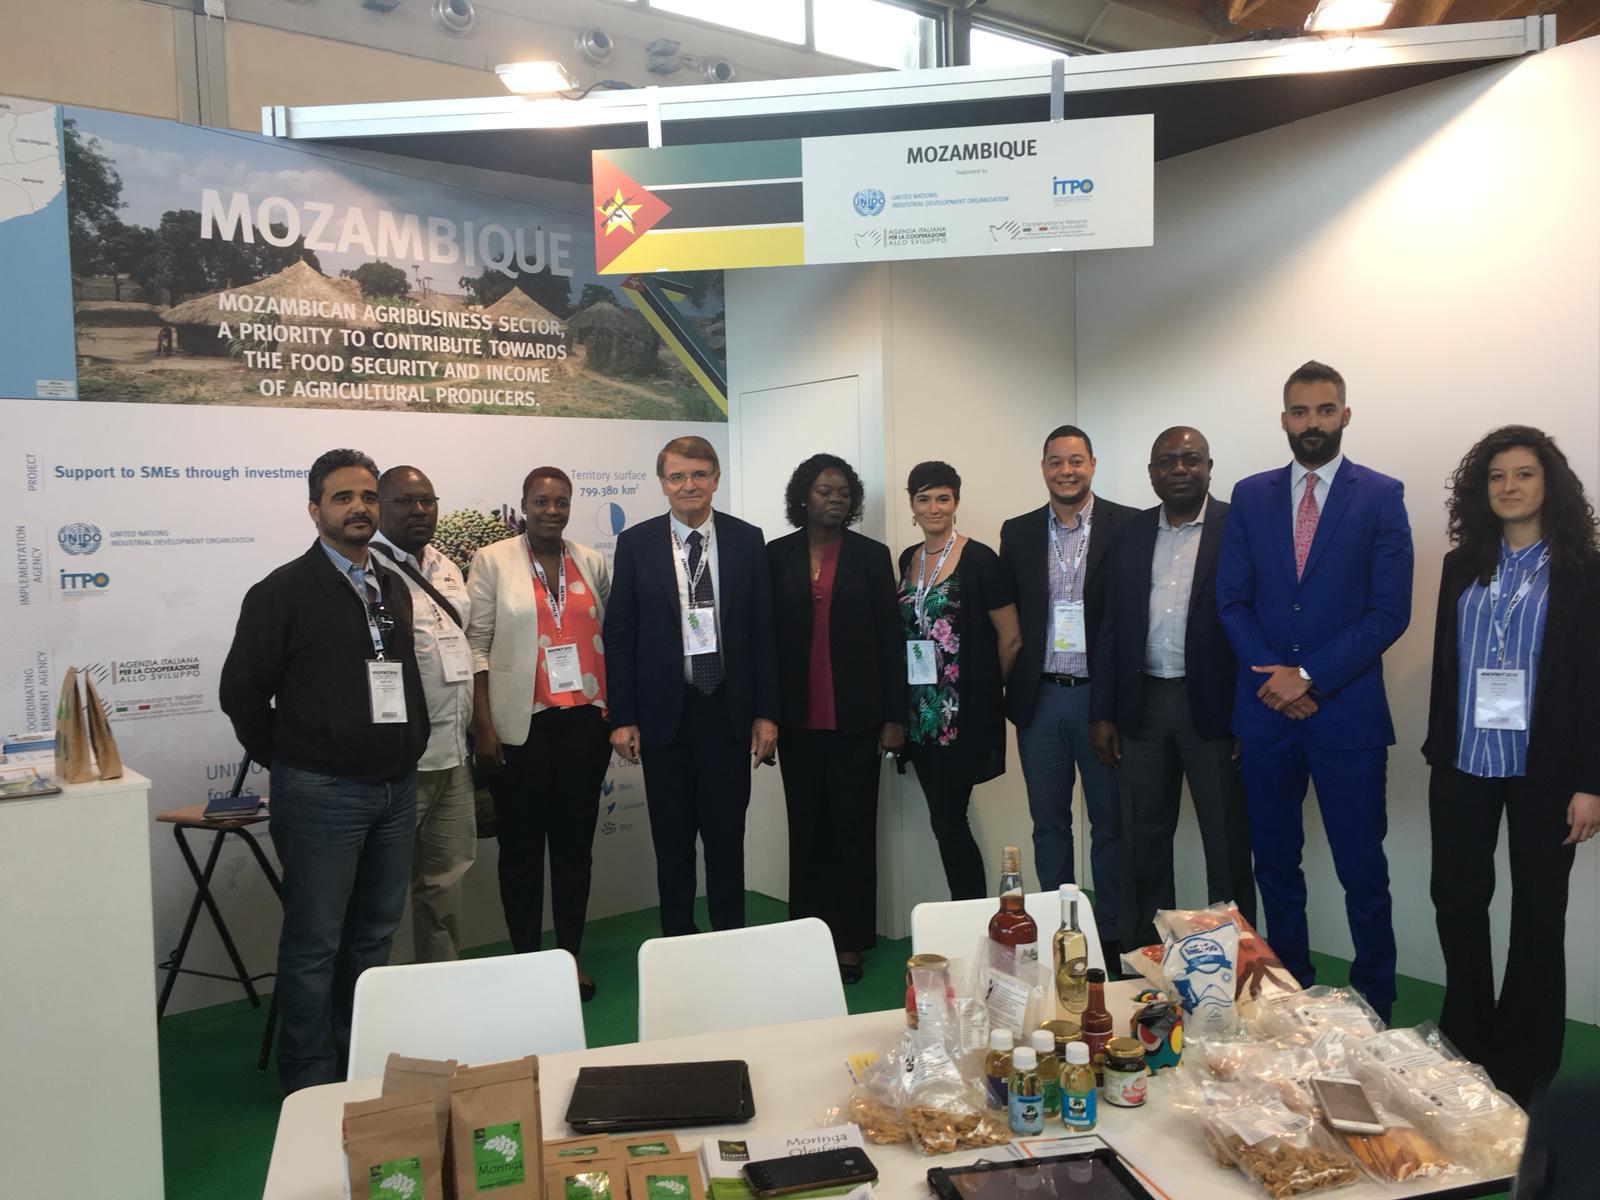 UNIDO ITPO Italy supporta il Mozambico a Macfrut 2018